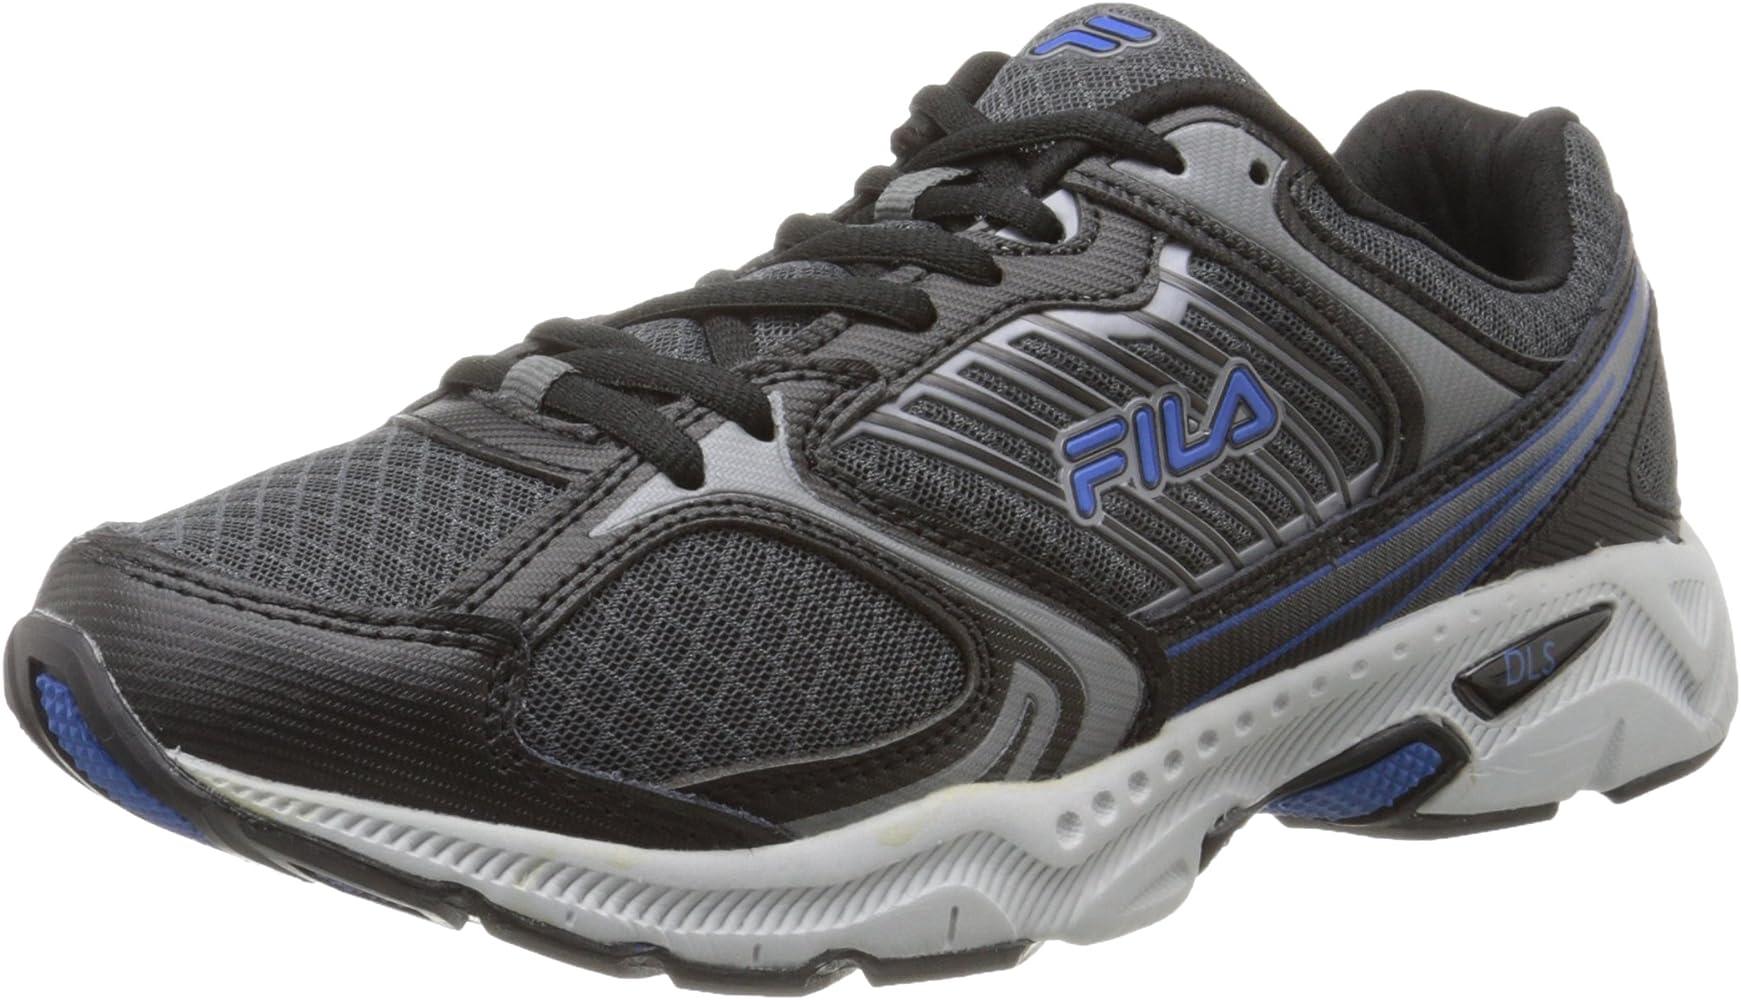 Fila 2 Interestelar Las Zapatillas de Running: Amazon.es: Zapatos ...